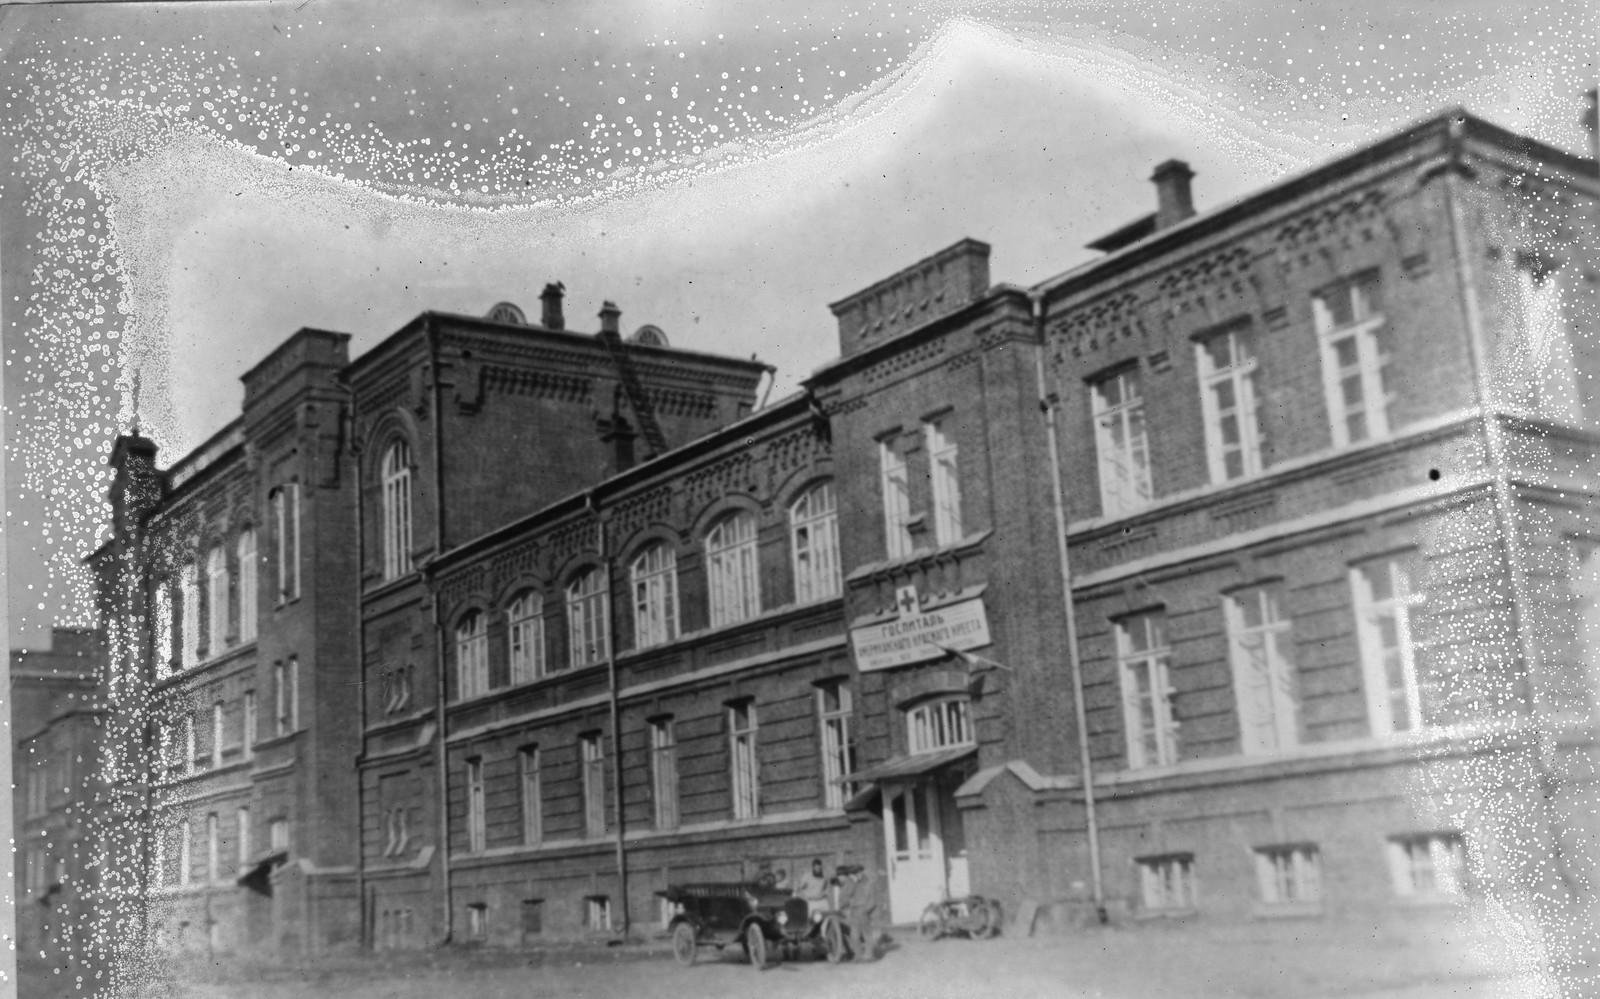 17. 1919. Иркутск. Госпиталь Американского Красного Креста